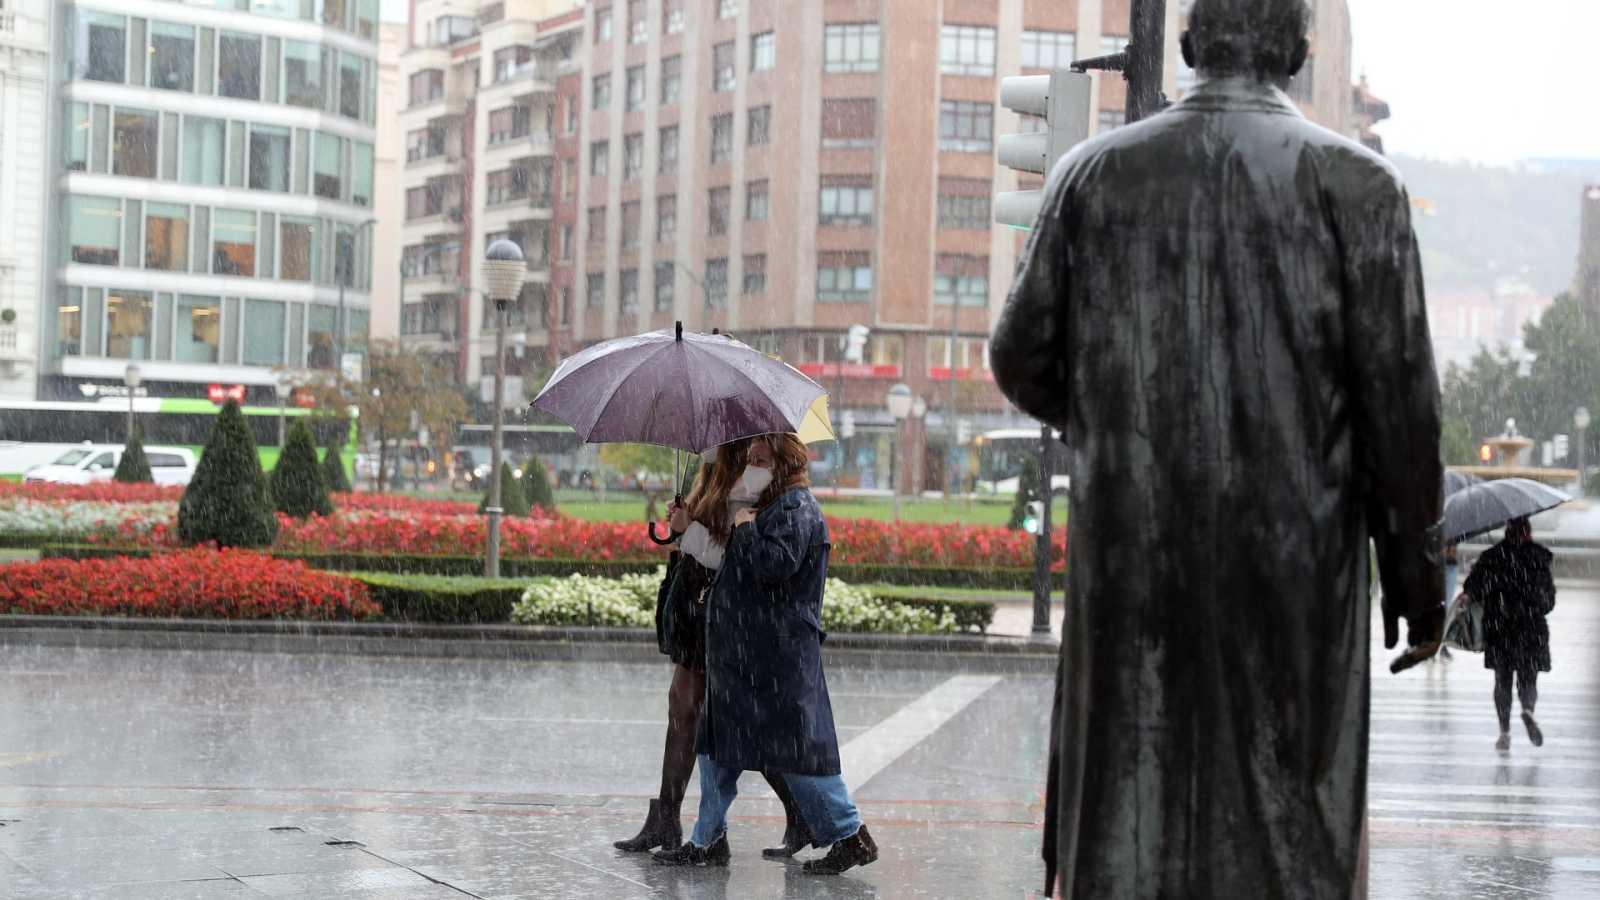 La borrasca 'Bárbara' dejará viento y lluvia en todo el país